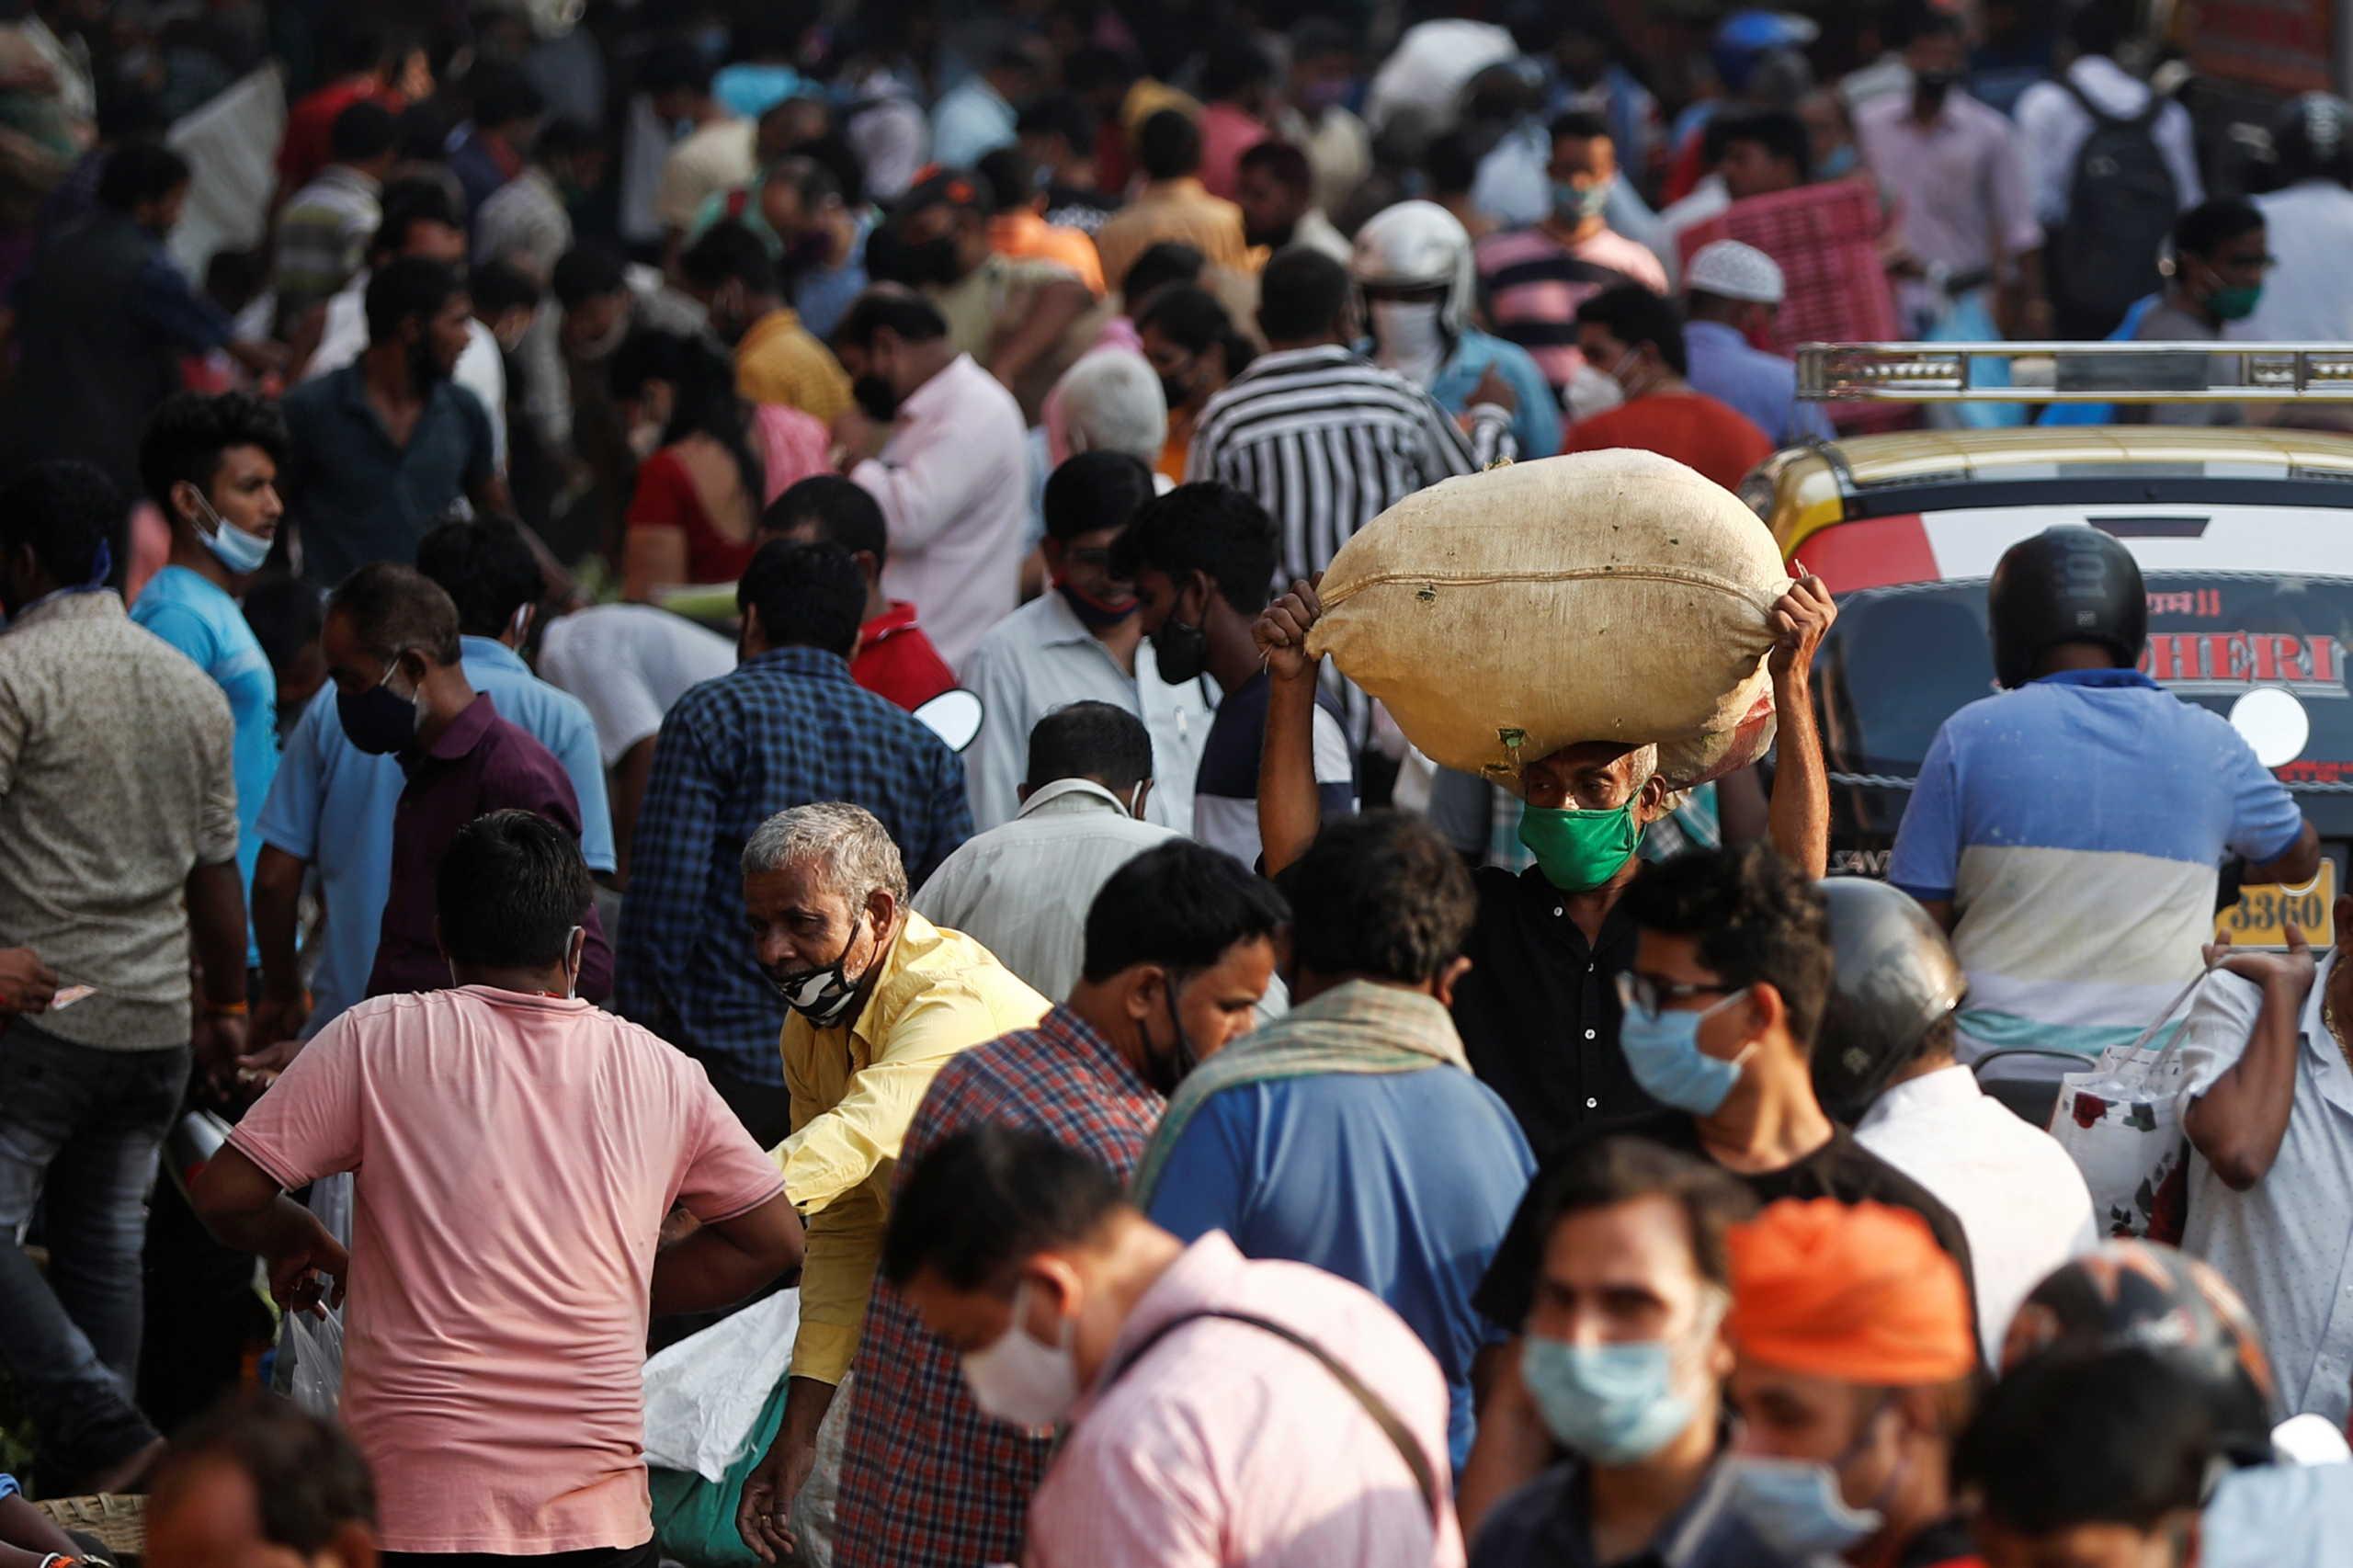 Η Ινδία ξεπέρασε τα 8 εκατ. κρούσματα κορονοϊού